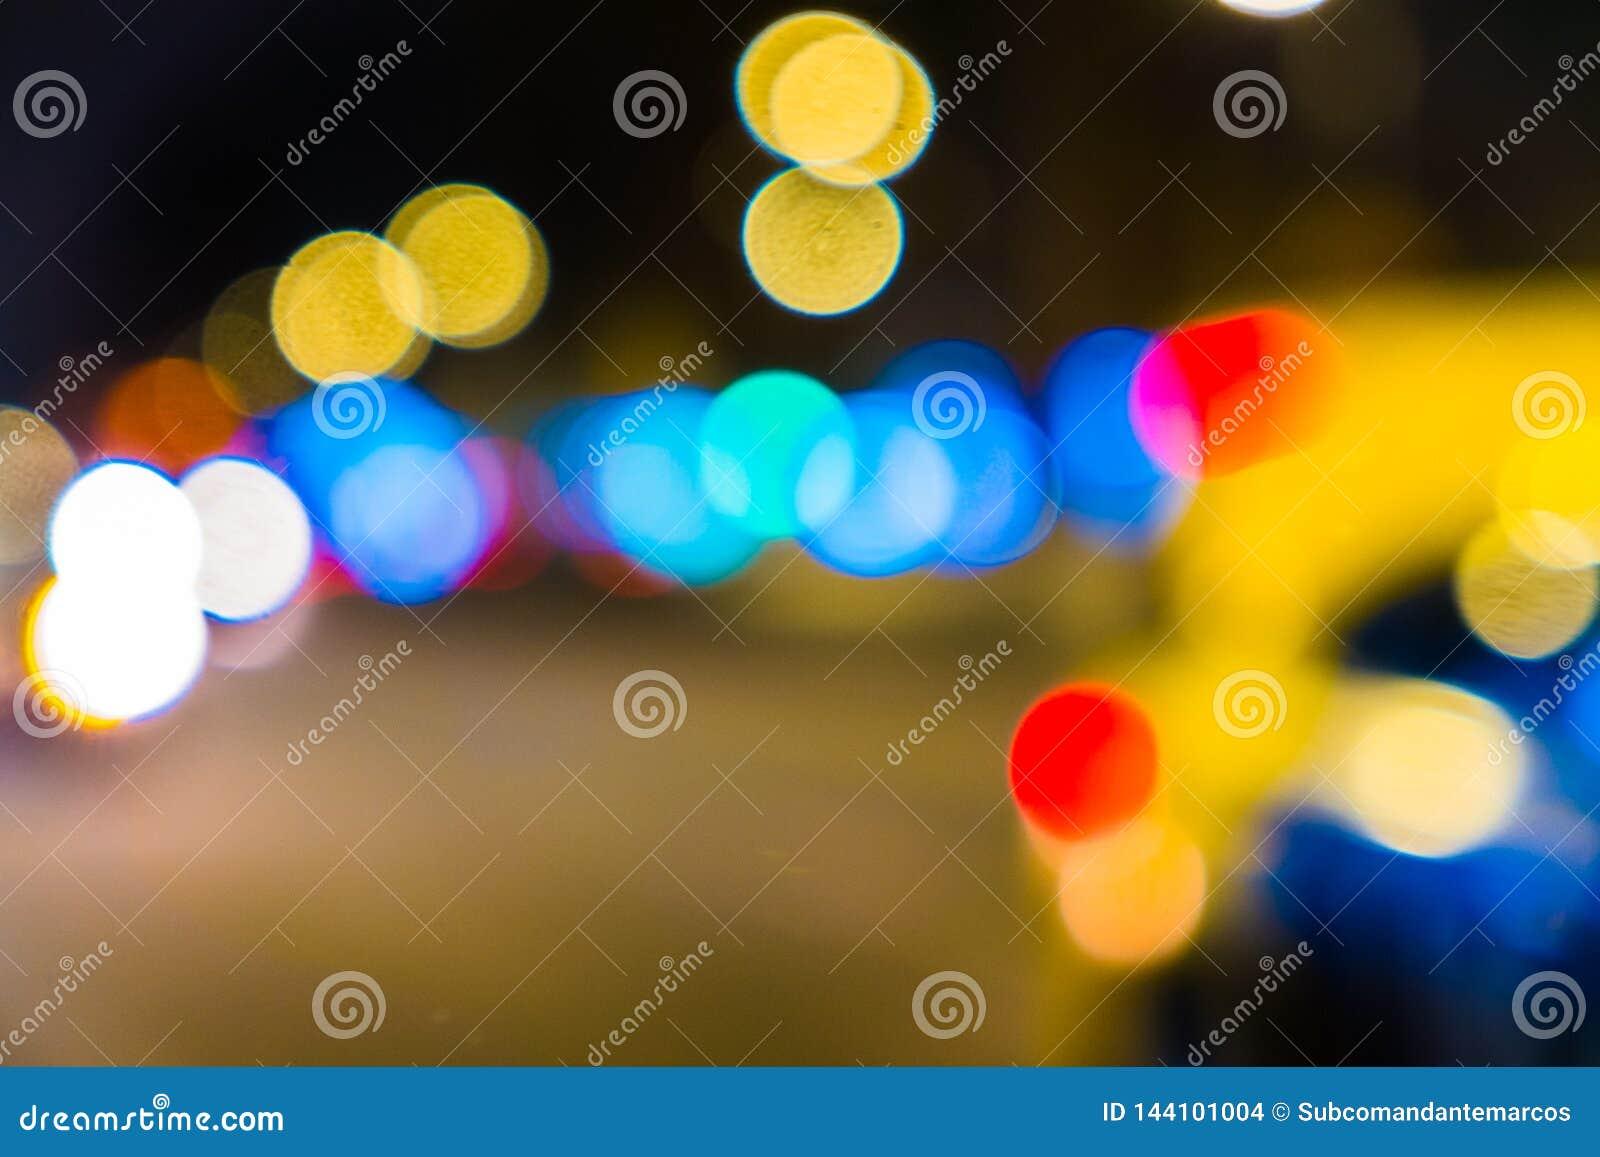 Городской транспорт ночи в гигантской метрополии Предпосылка bokeh города светлая Defocused светофоры ночи